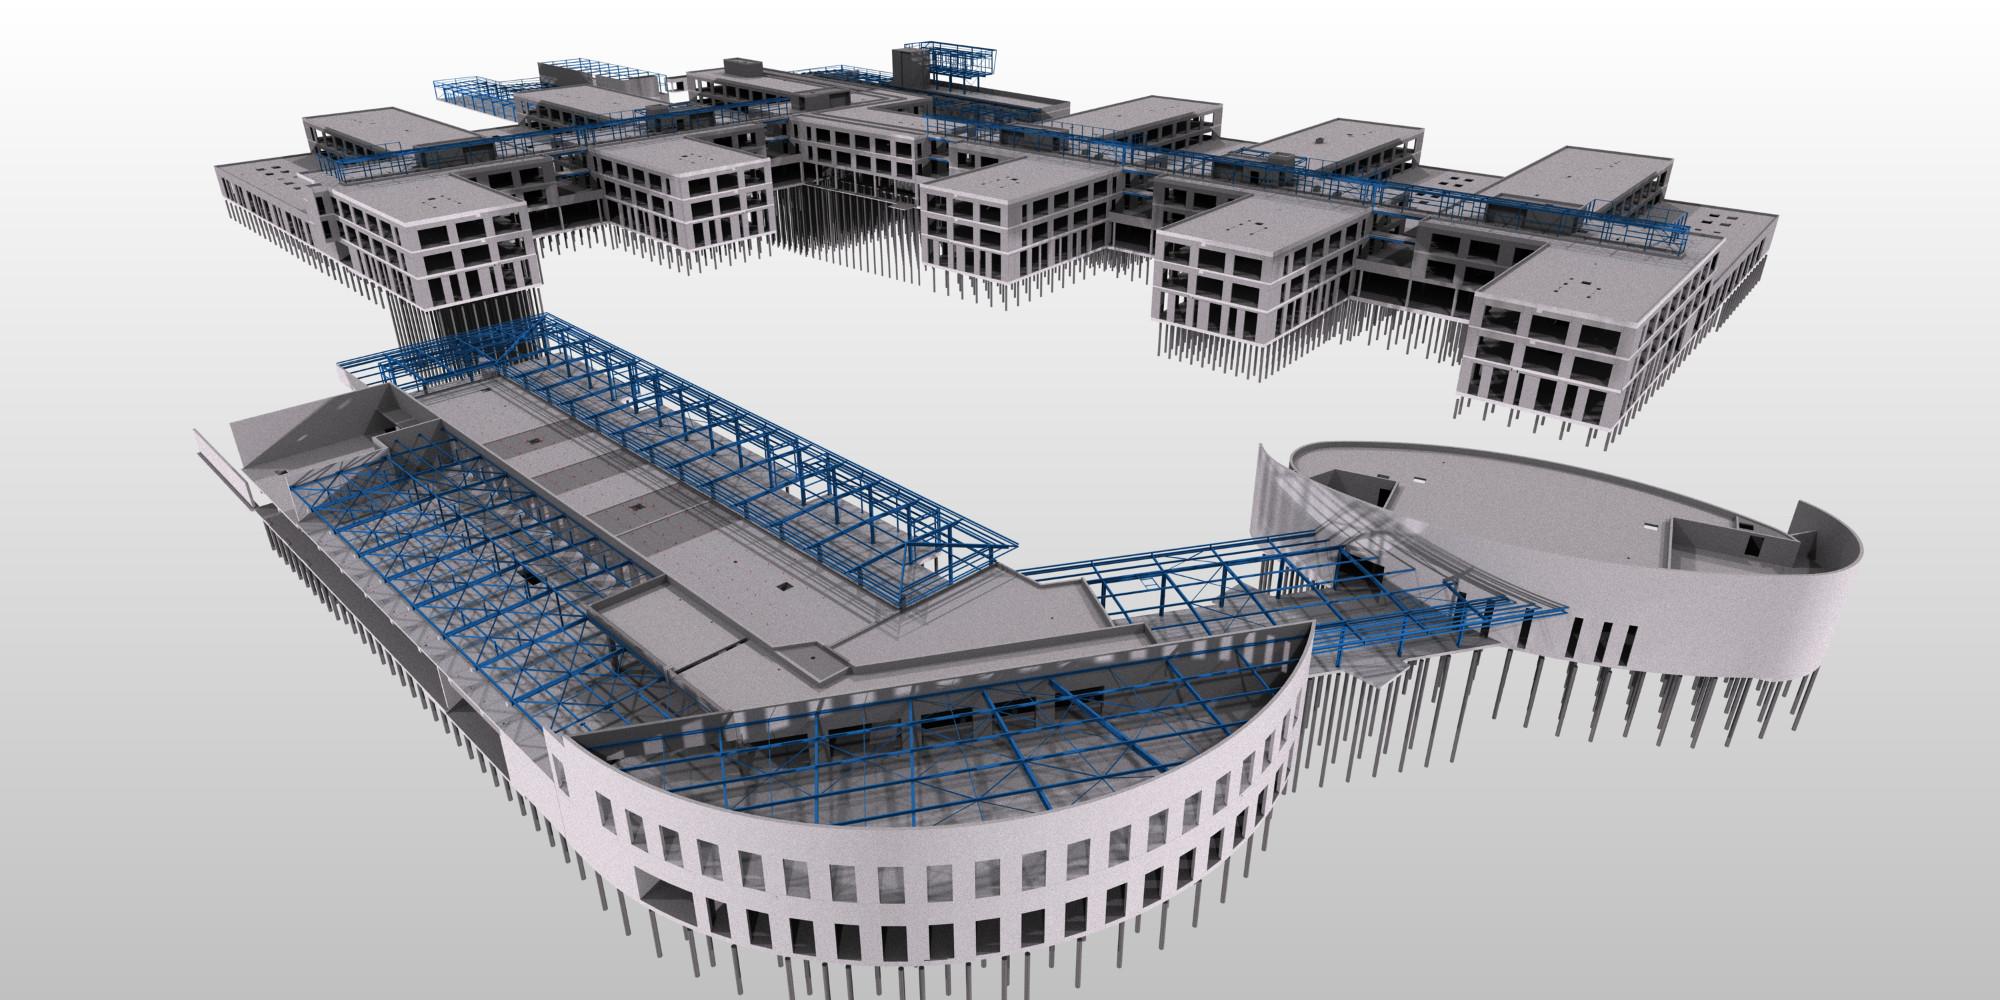 La maquette numérique, en fait un ensemble de maquettes, renseignée en temps réel par les partenaires du projet, un objectif pour le secteur du bâtiment en France. DOC GA